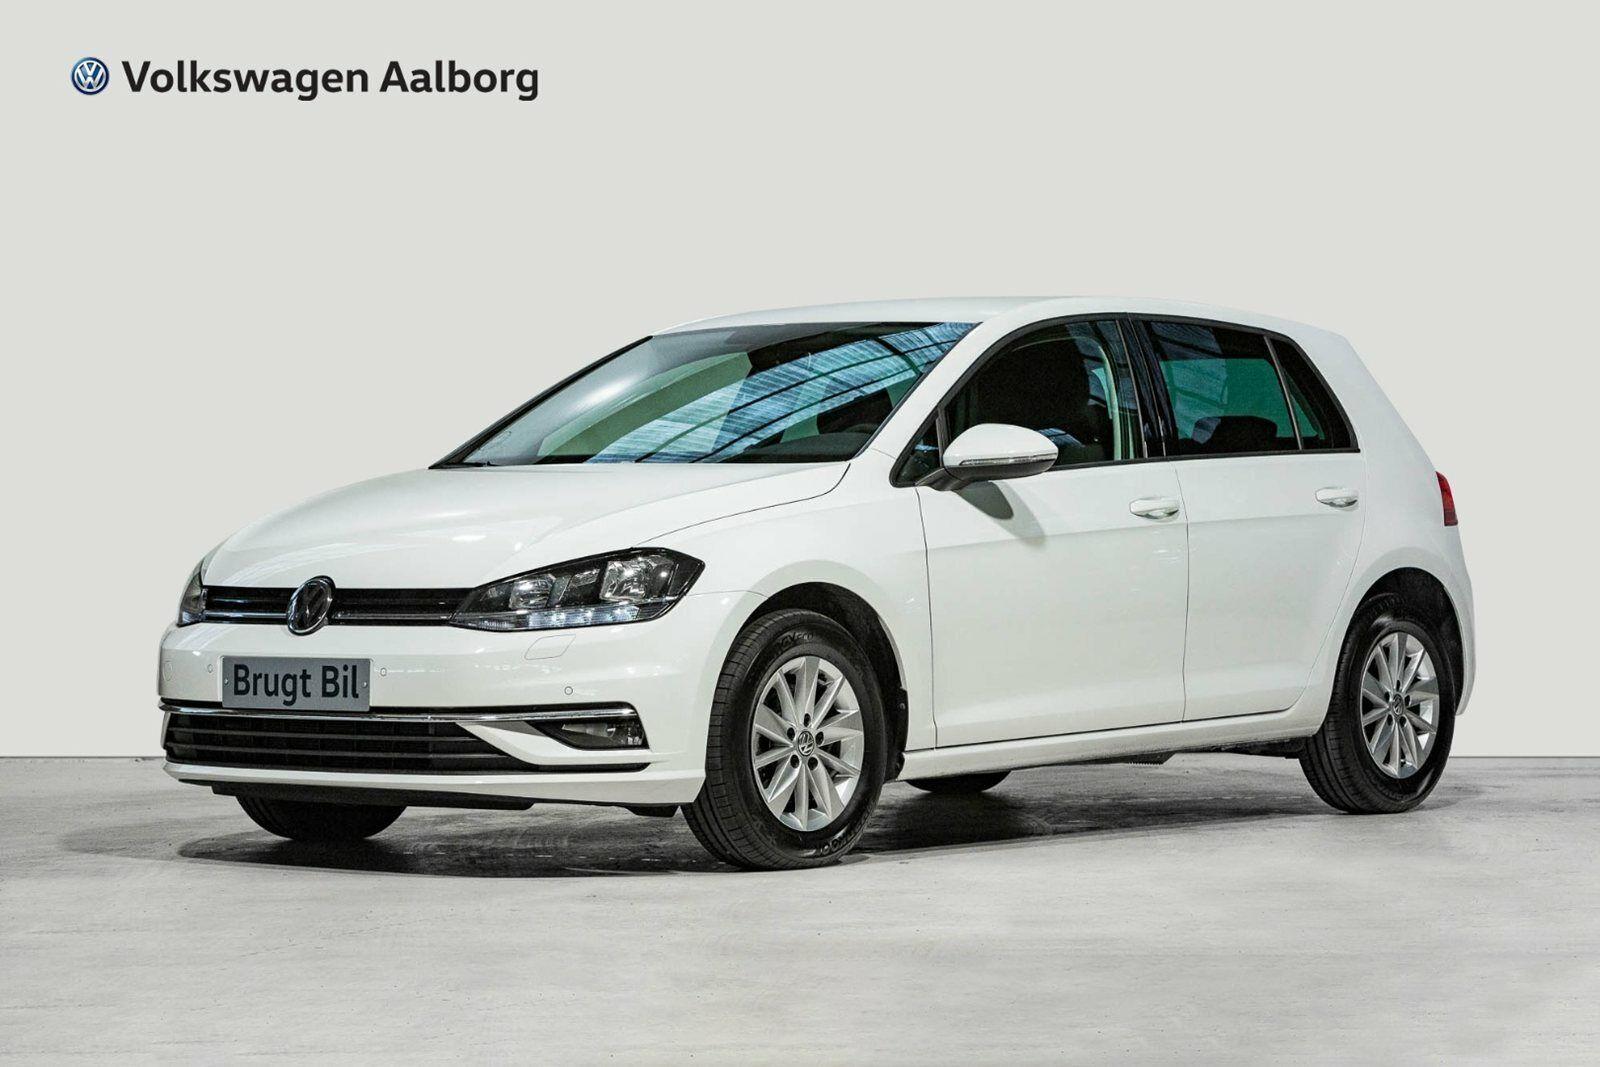 VW Golf VII 1,6 TDi 115 Comfortline DSG 5d - 279.000 kr.